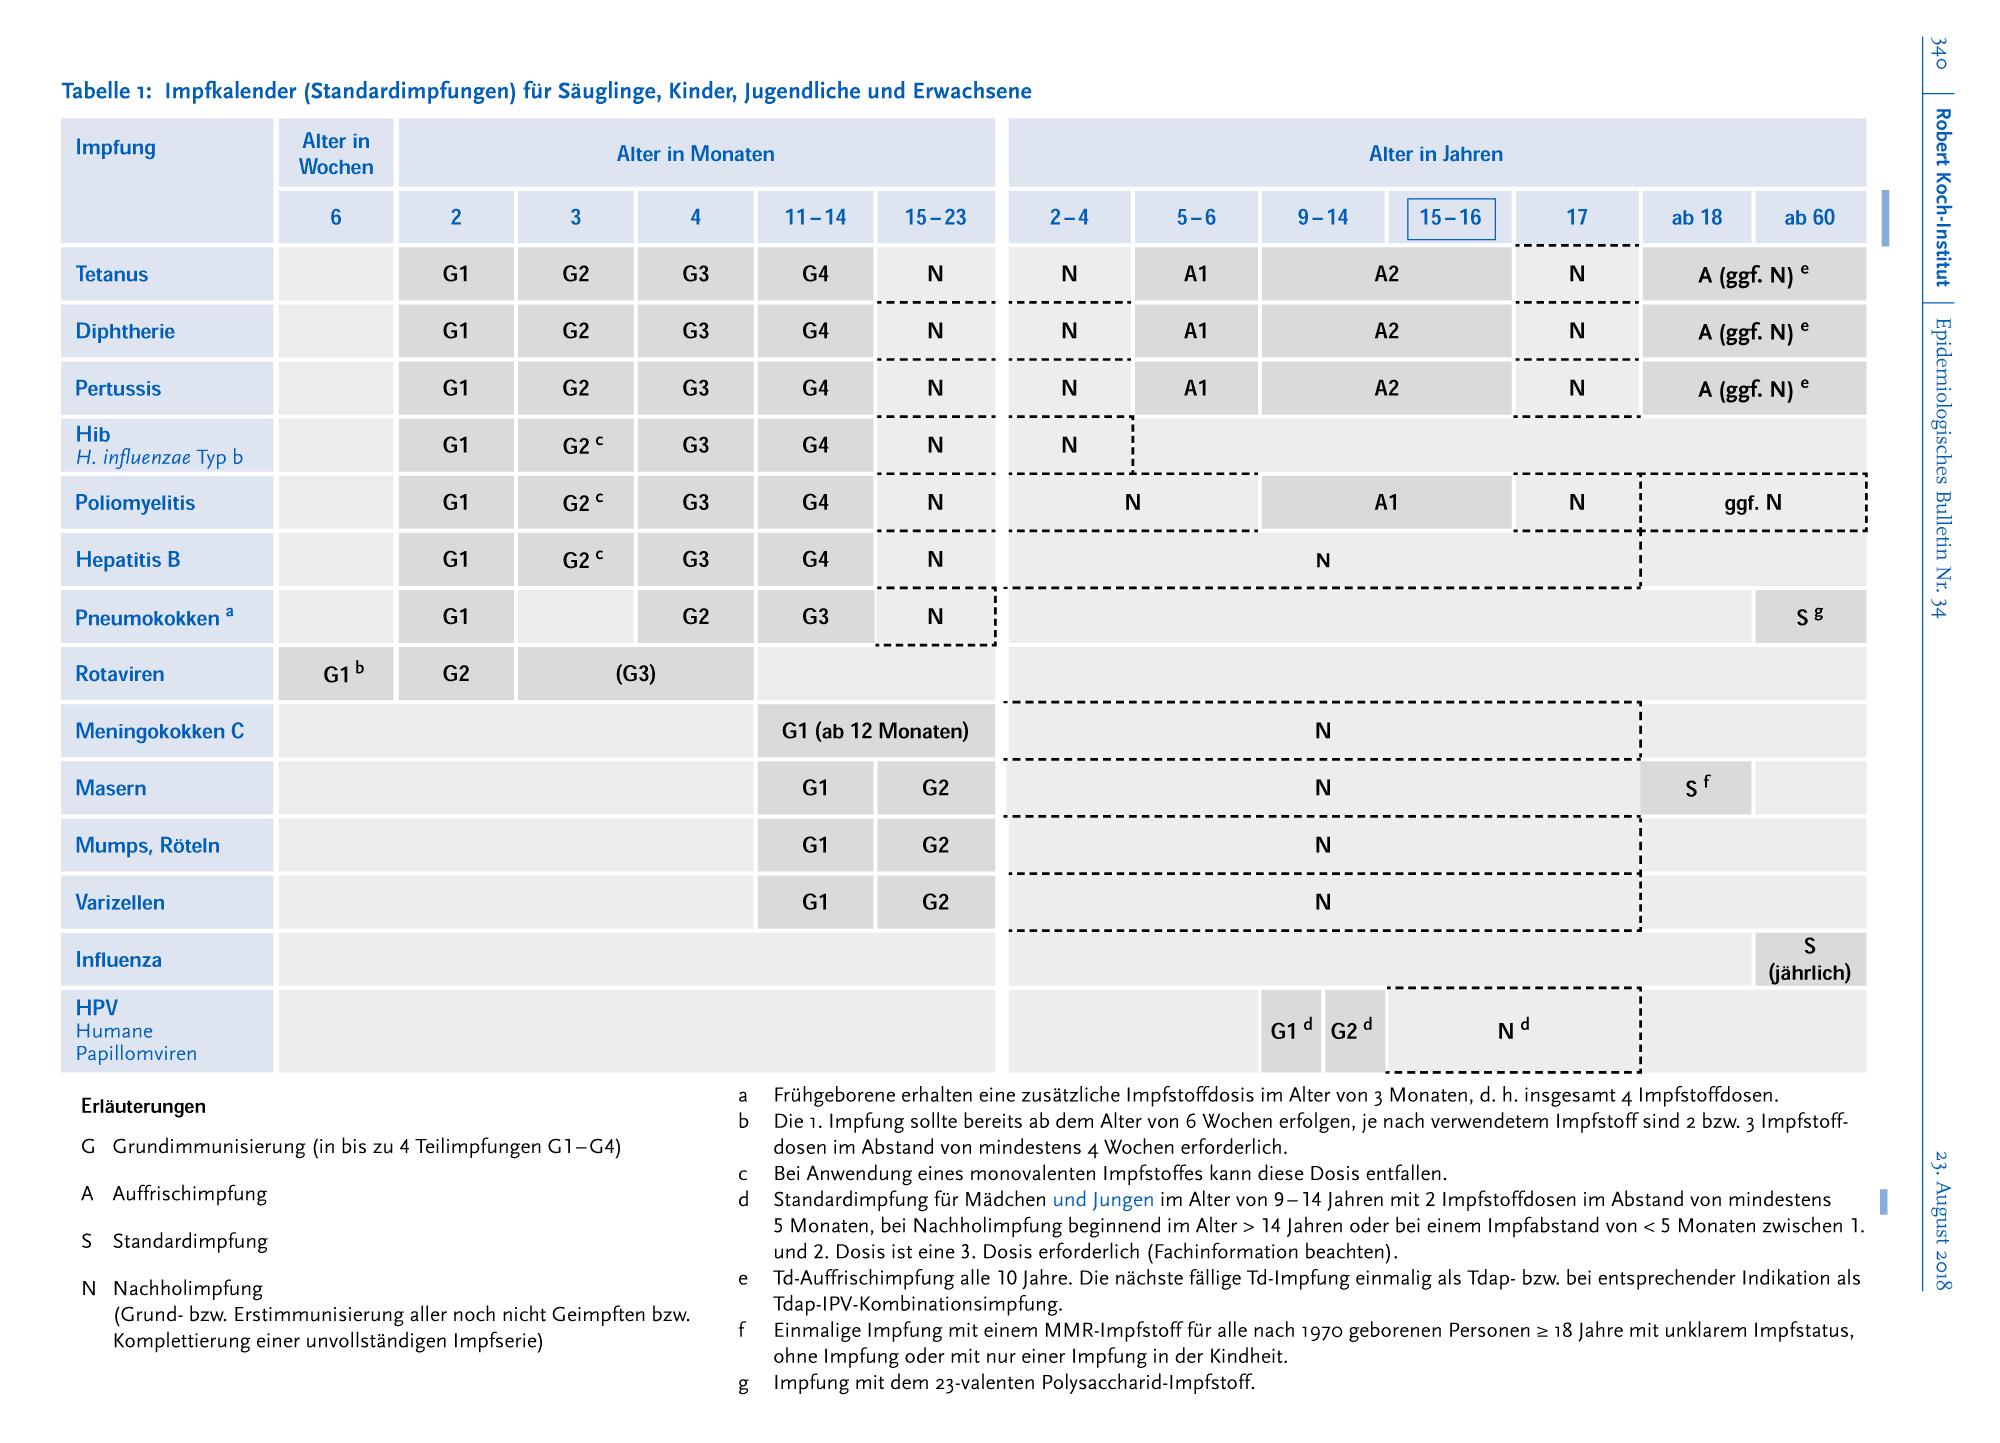 Impfkalender der STIKO 2018